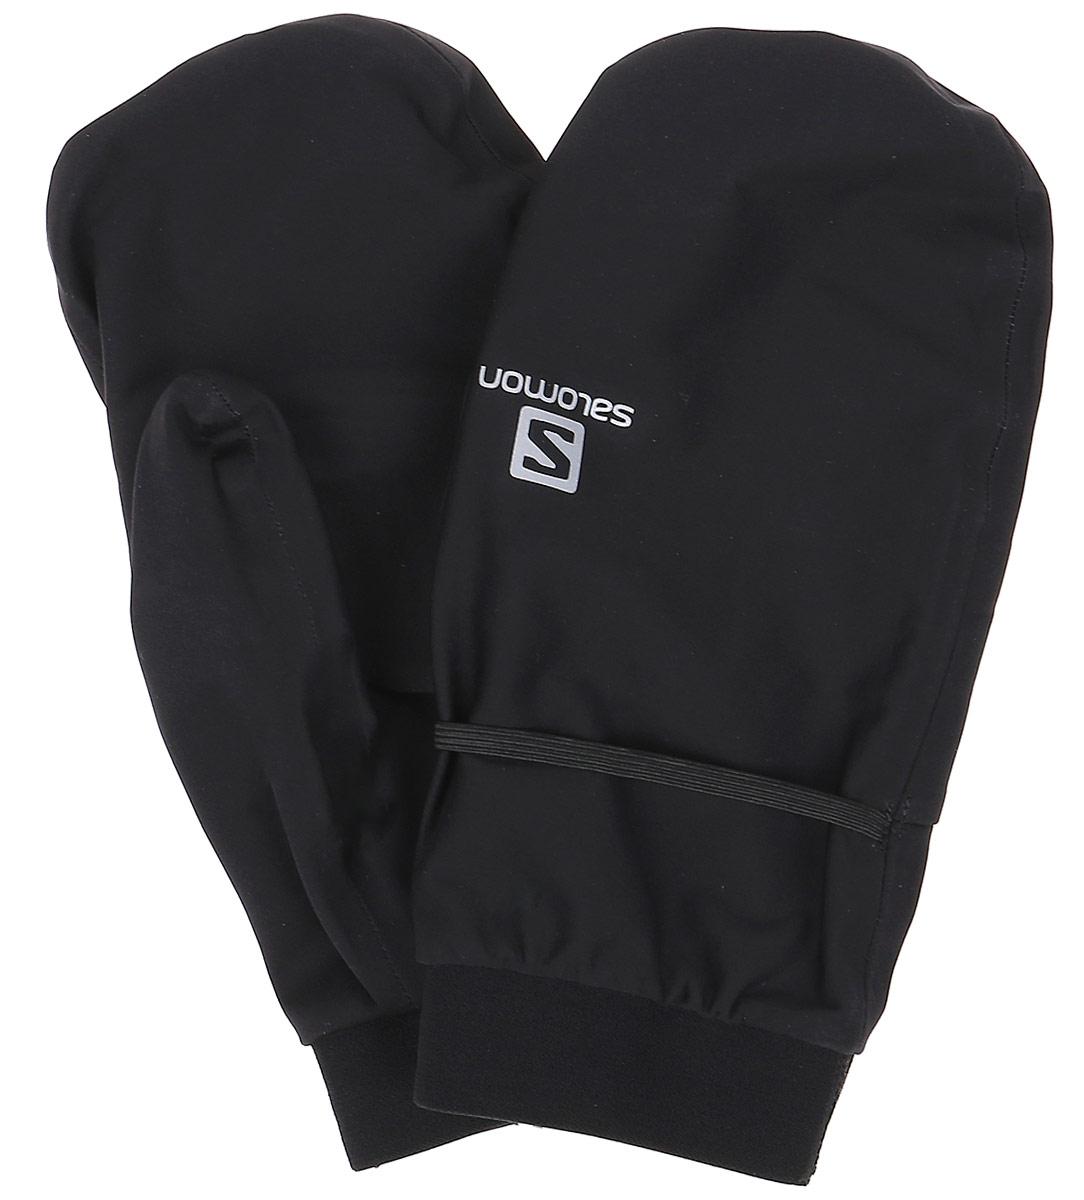 Варежки Salomon Bonatti Wp Mitten U, цвет: черный. L39505700. Размер XL (9,5)L39505700Легкие и полностью непромокаемые BONATTI WP MITTEN идеально подходят для долгих гонок. Их уникальный дизайн включает в себя проем на ладони, который позволяет быстро освободить пальцы и открыть рюкзак или подтянуть шнурки куртки. Либо просто проветрить руки во время бега.